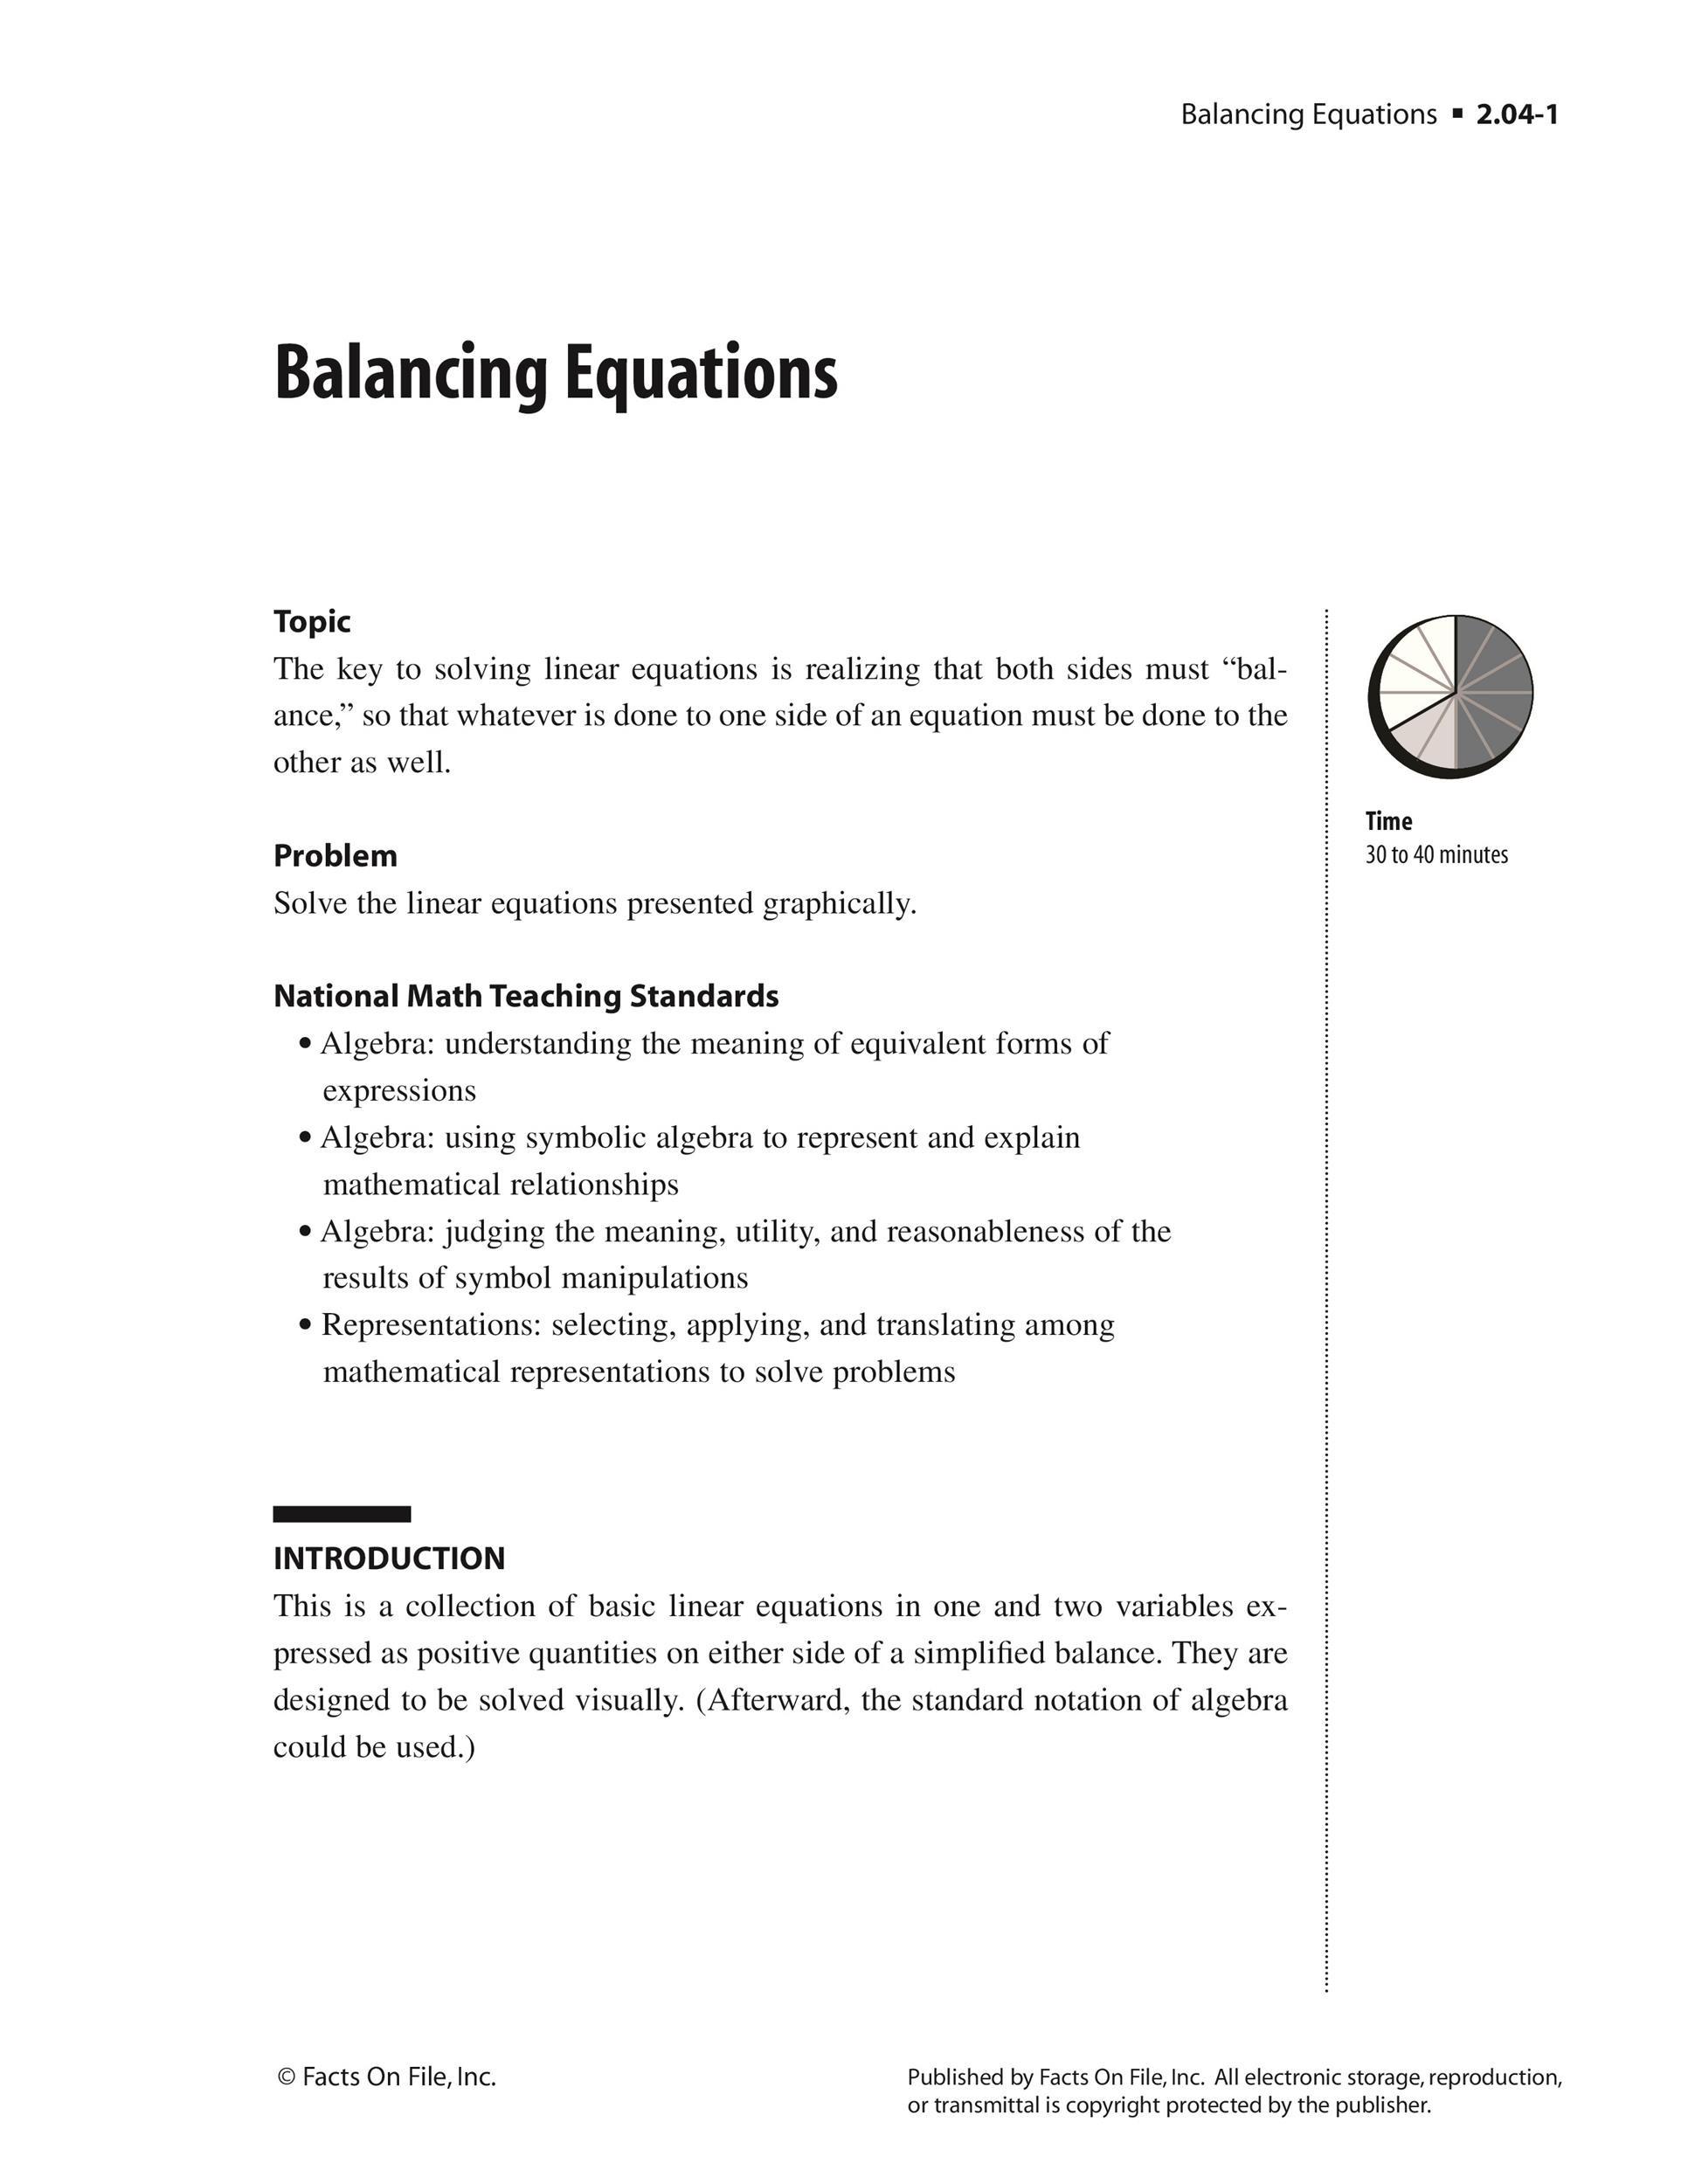 Free balancing equations 16